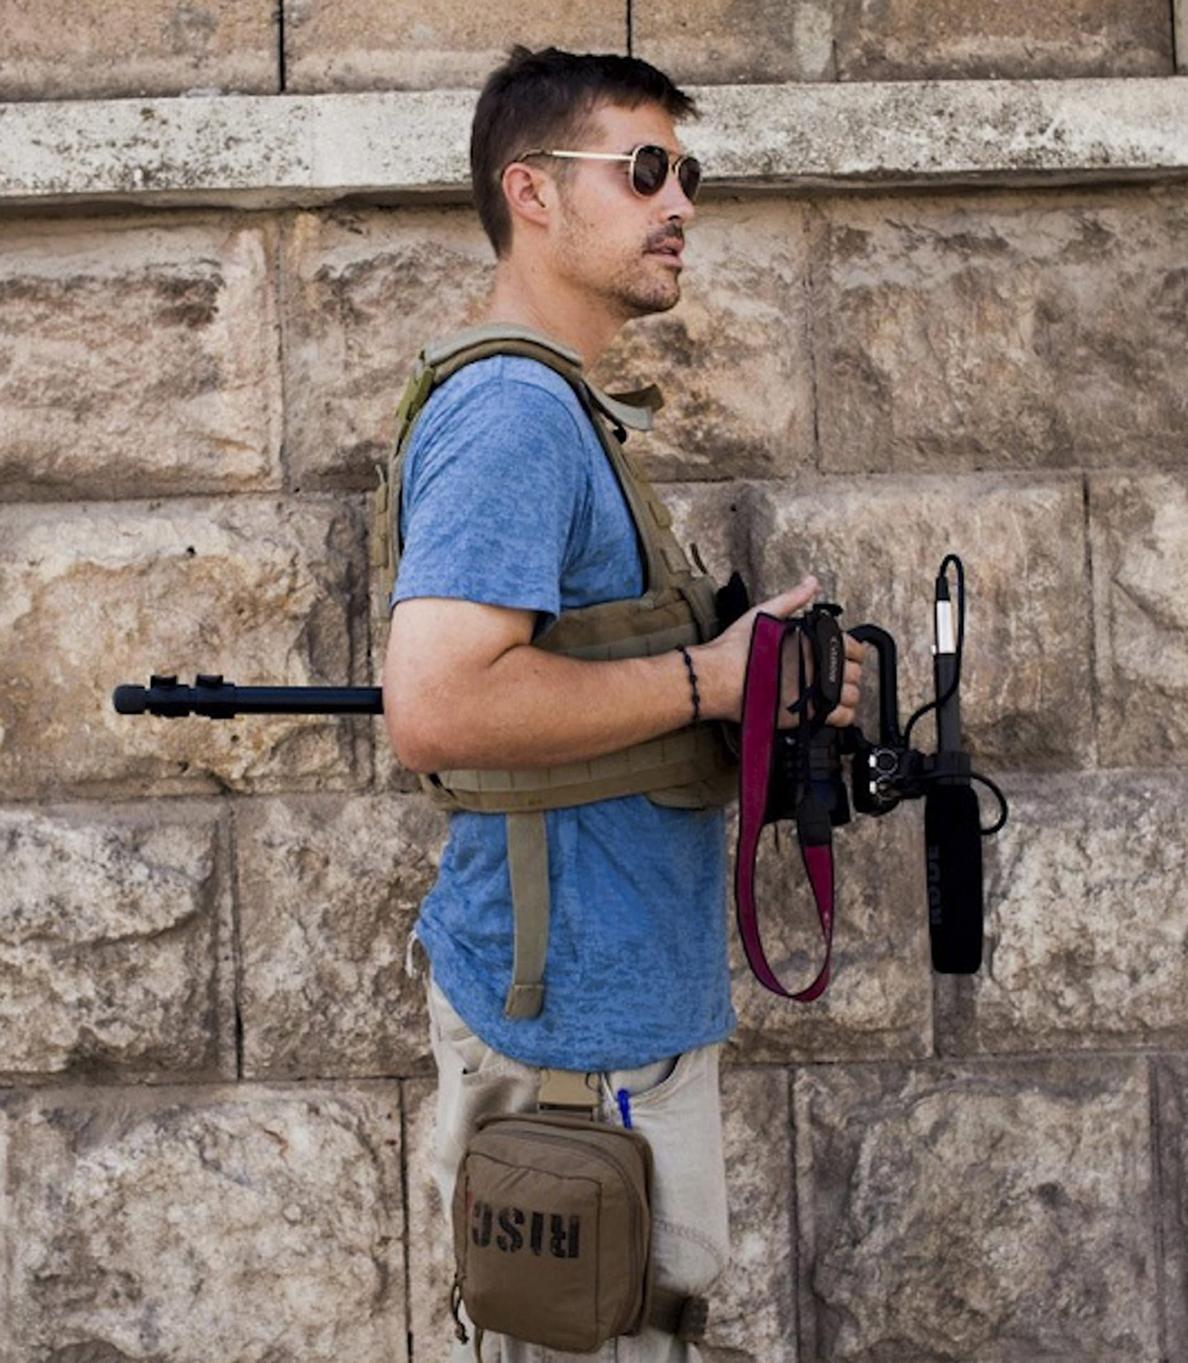 La madre de James Foley destaca su figura humana y periodística